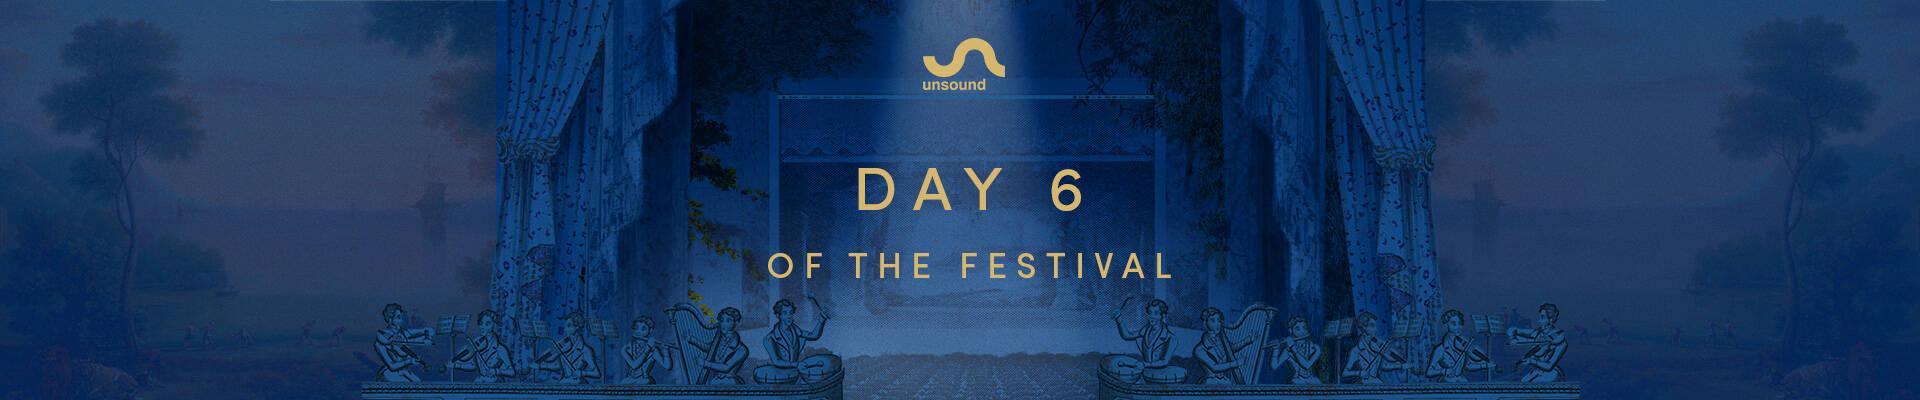 unsound day six